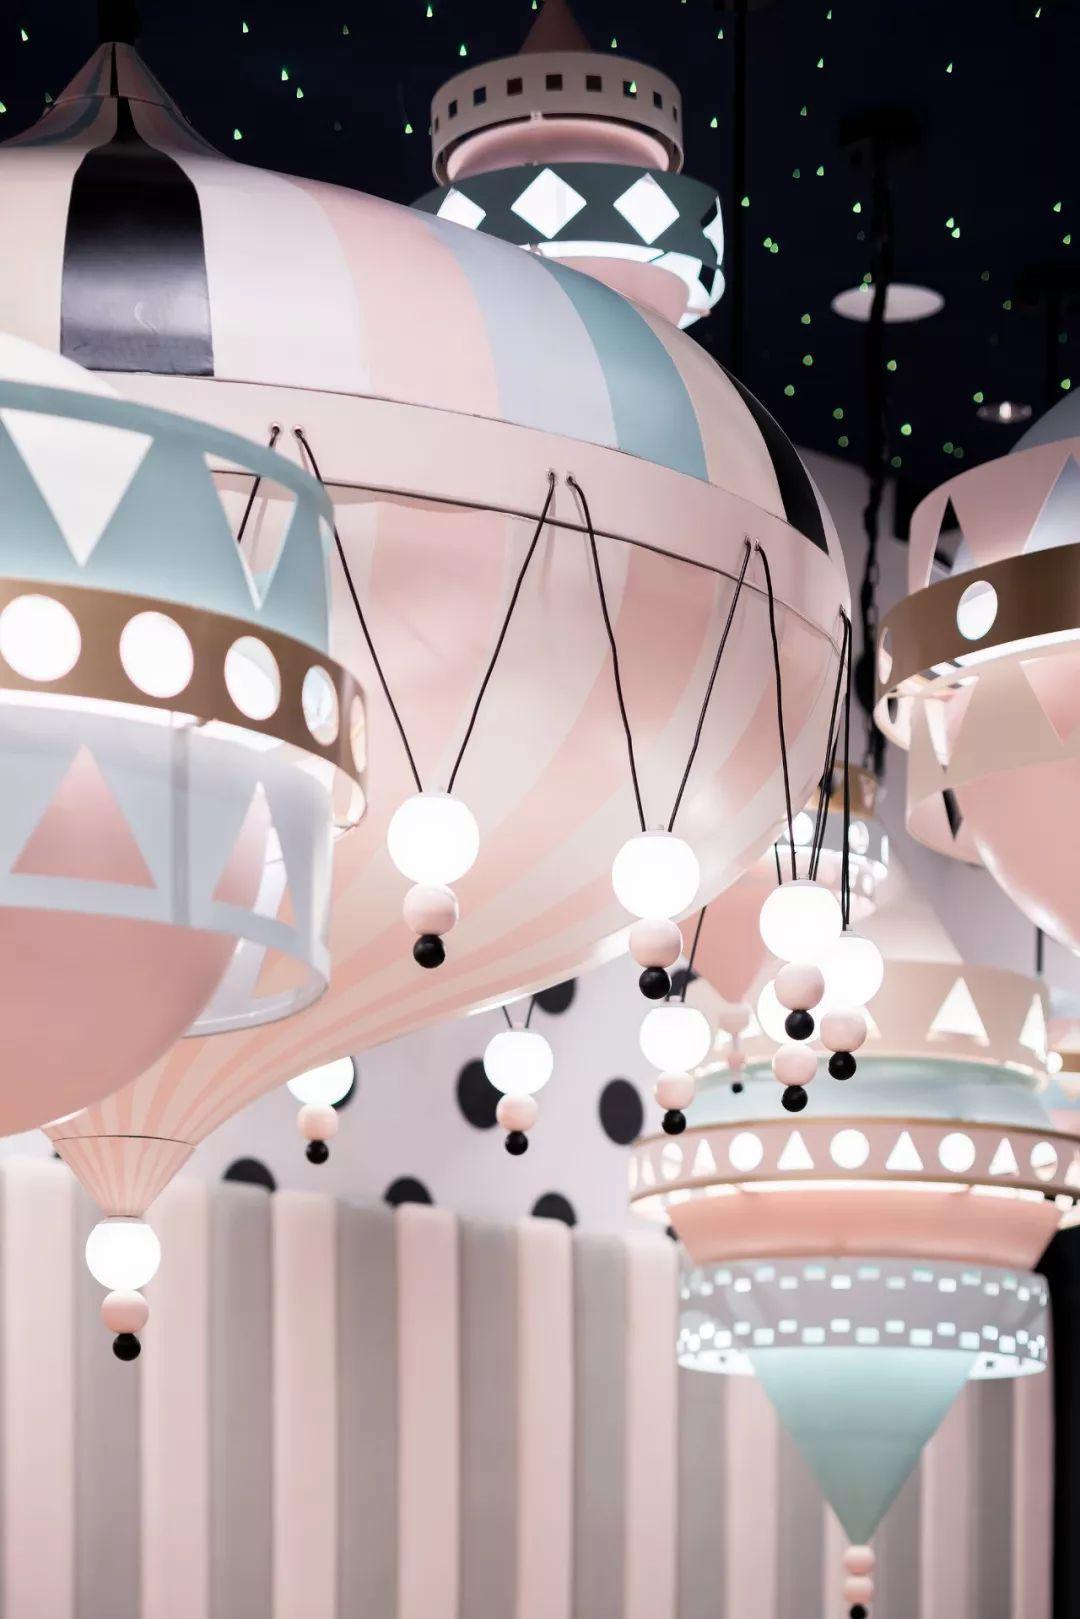 李想最新打造超美的奇幻城堡,如入仙境,惊艳苏州!|李想 - 79